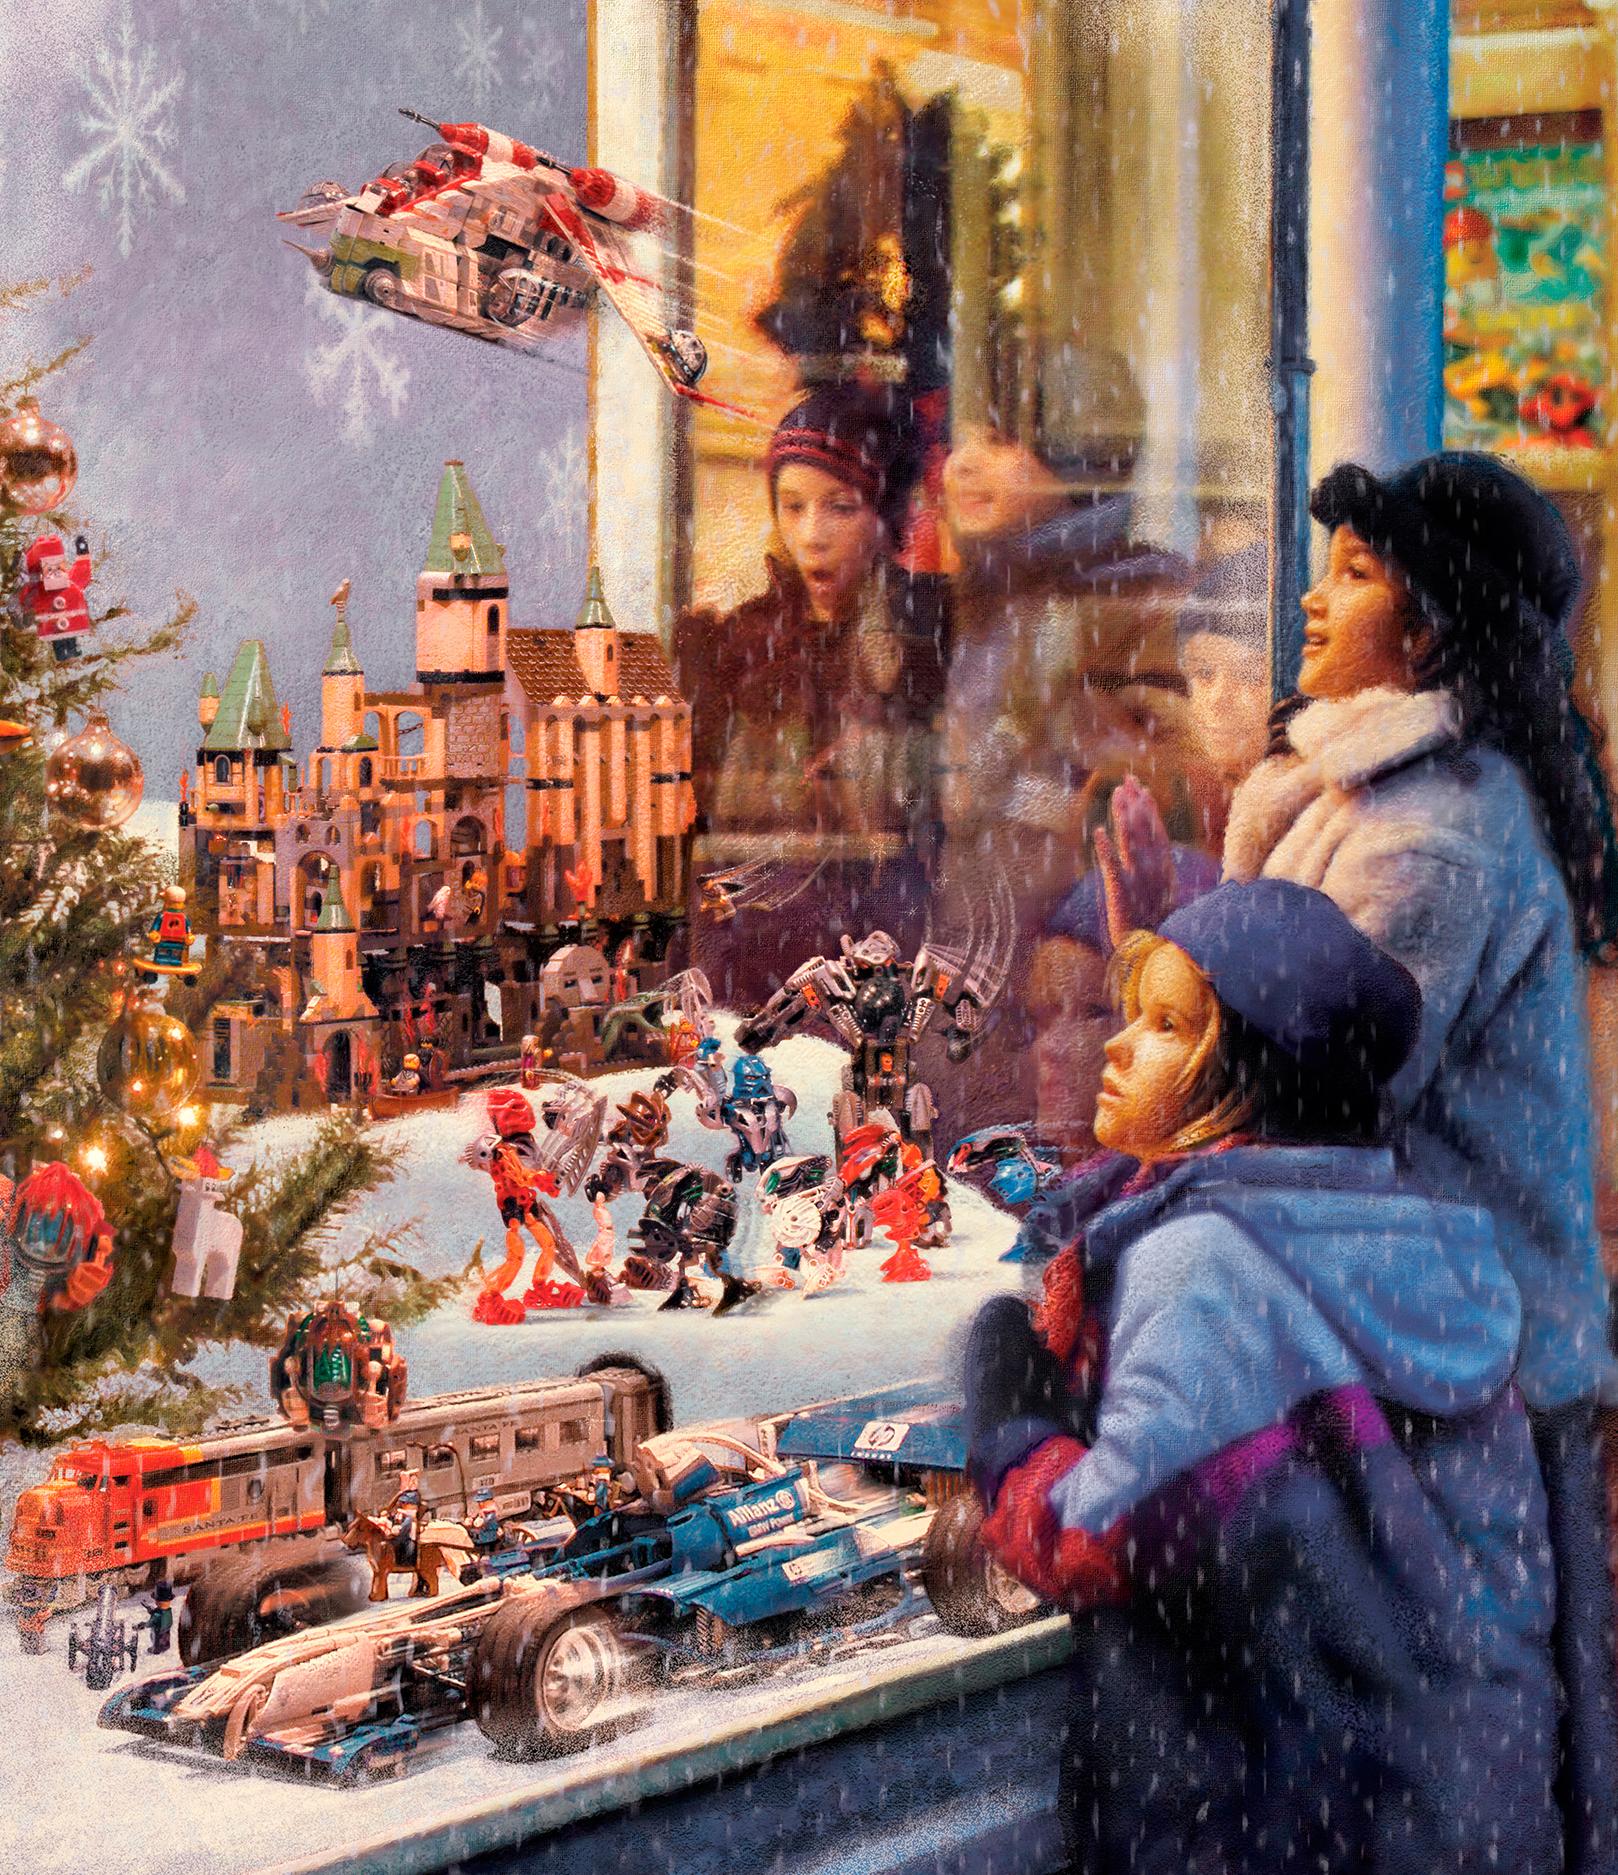 Lego Christmas Catalog